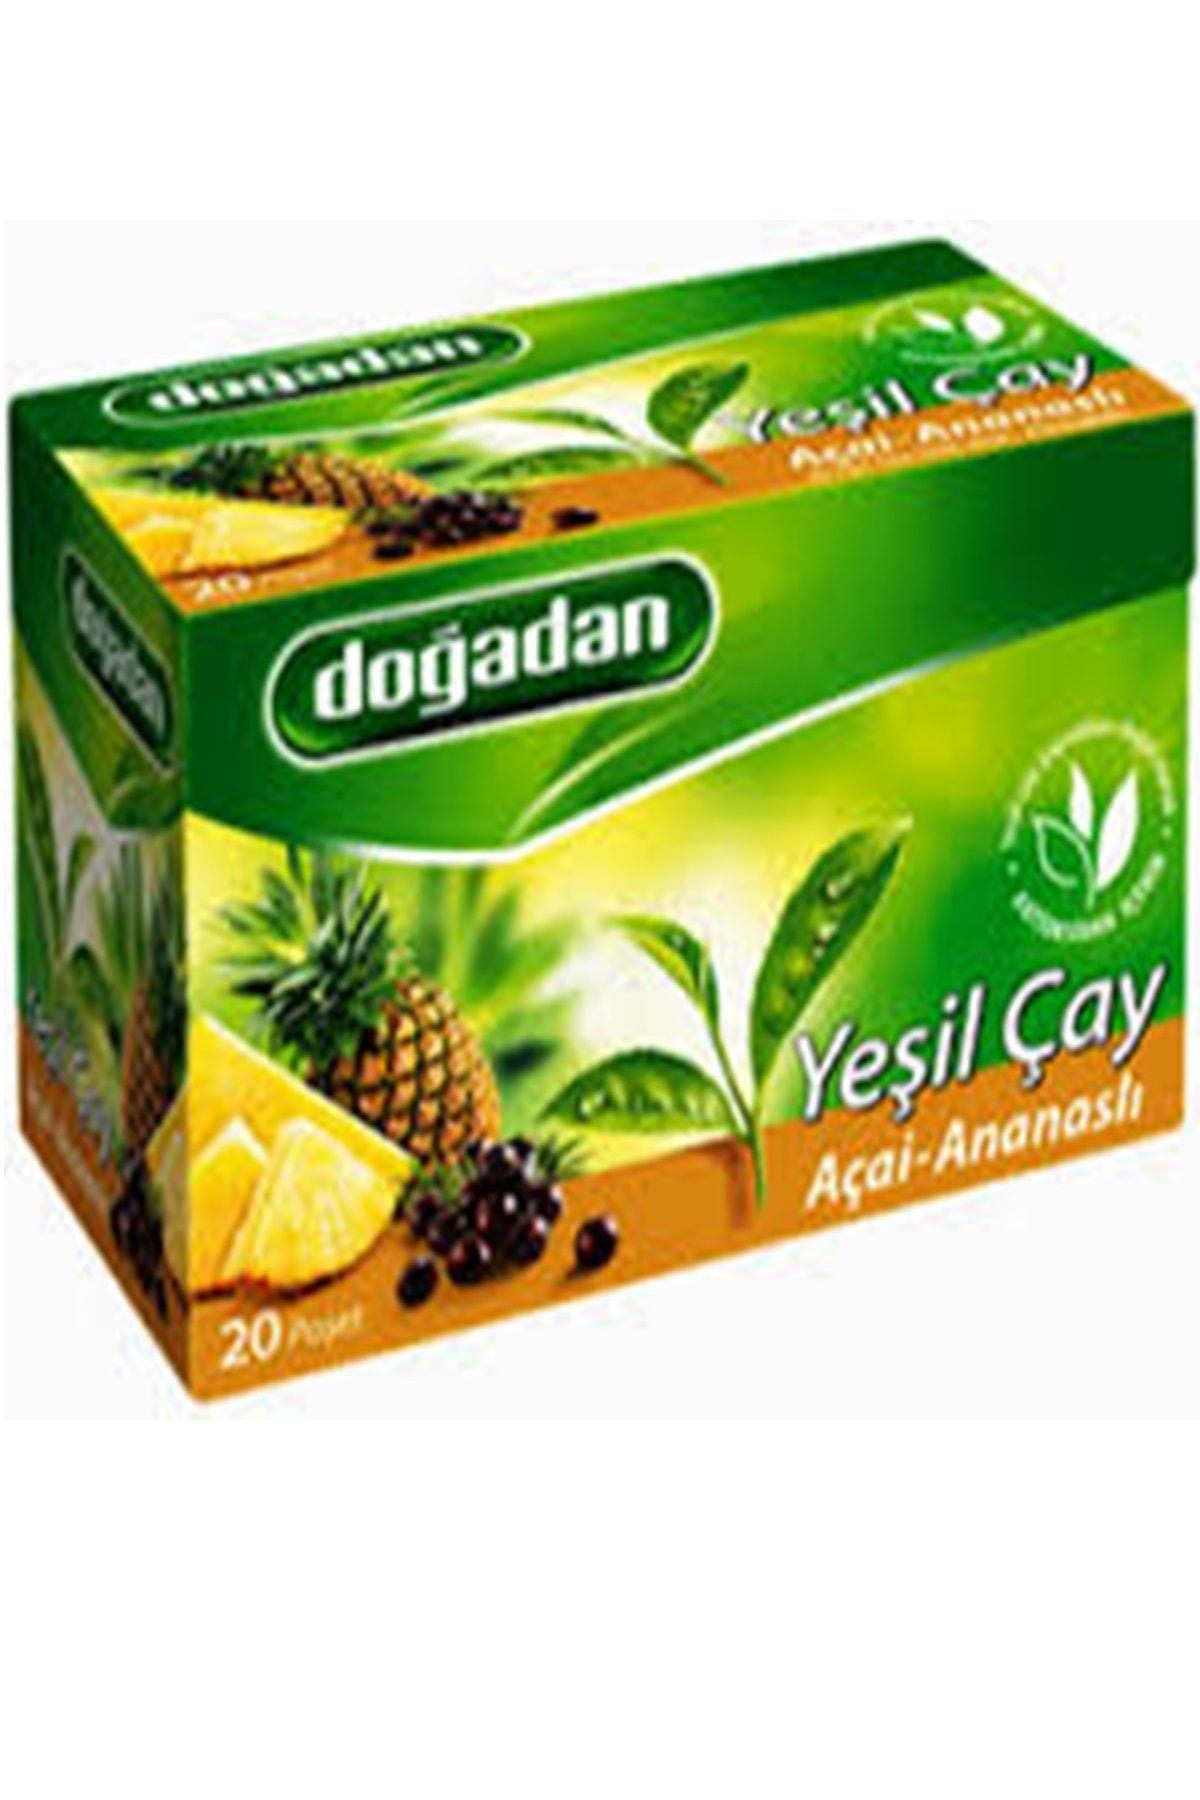 Doğadan Açai Ananas Yeşil Çay 20'li 34 gr